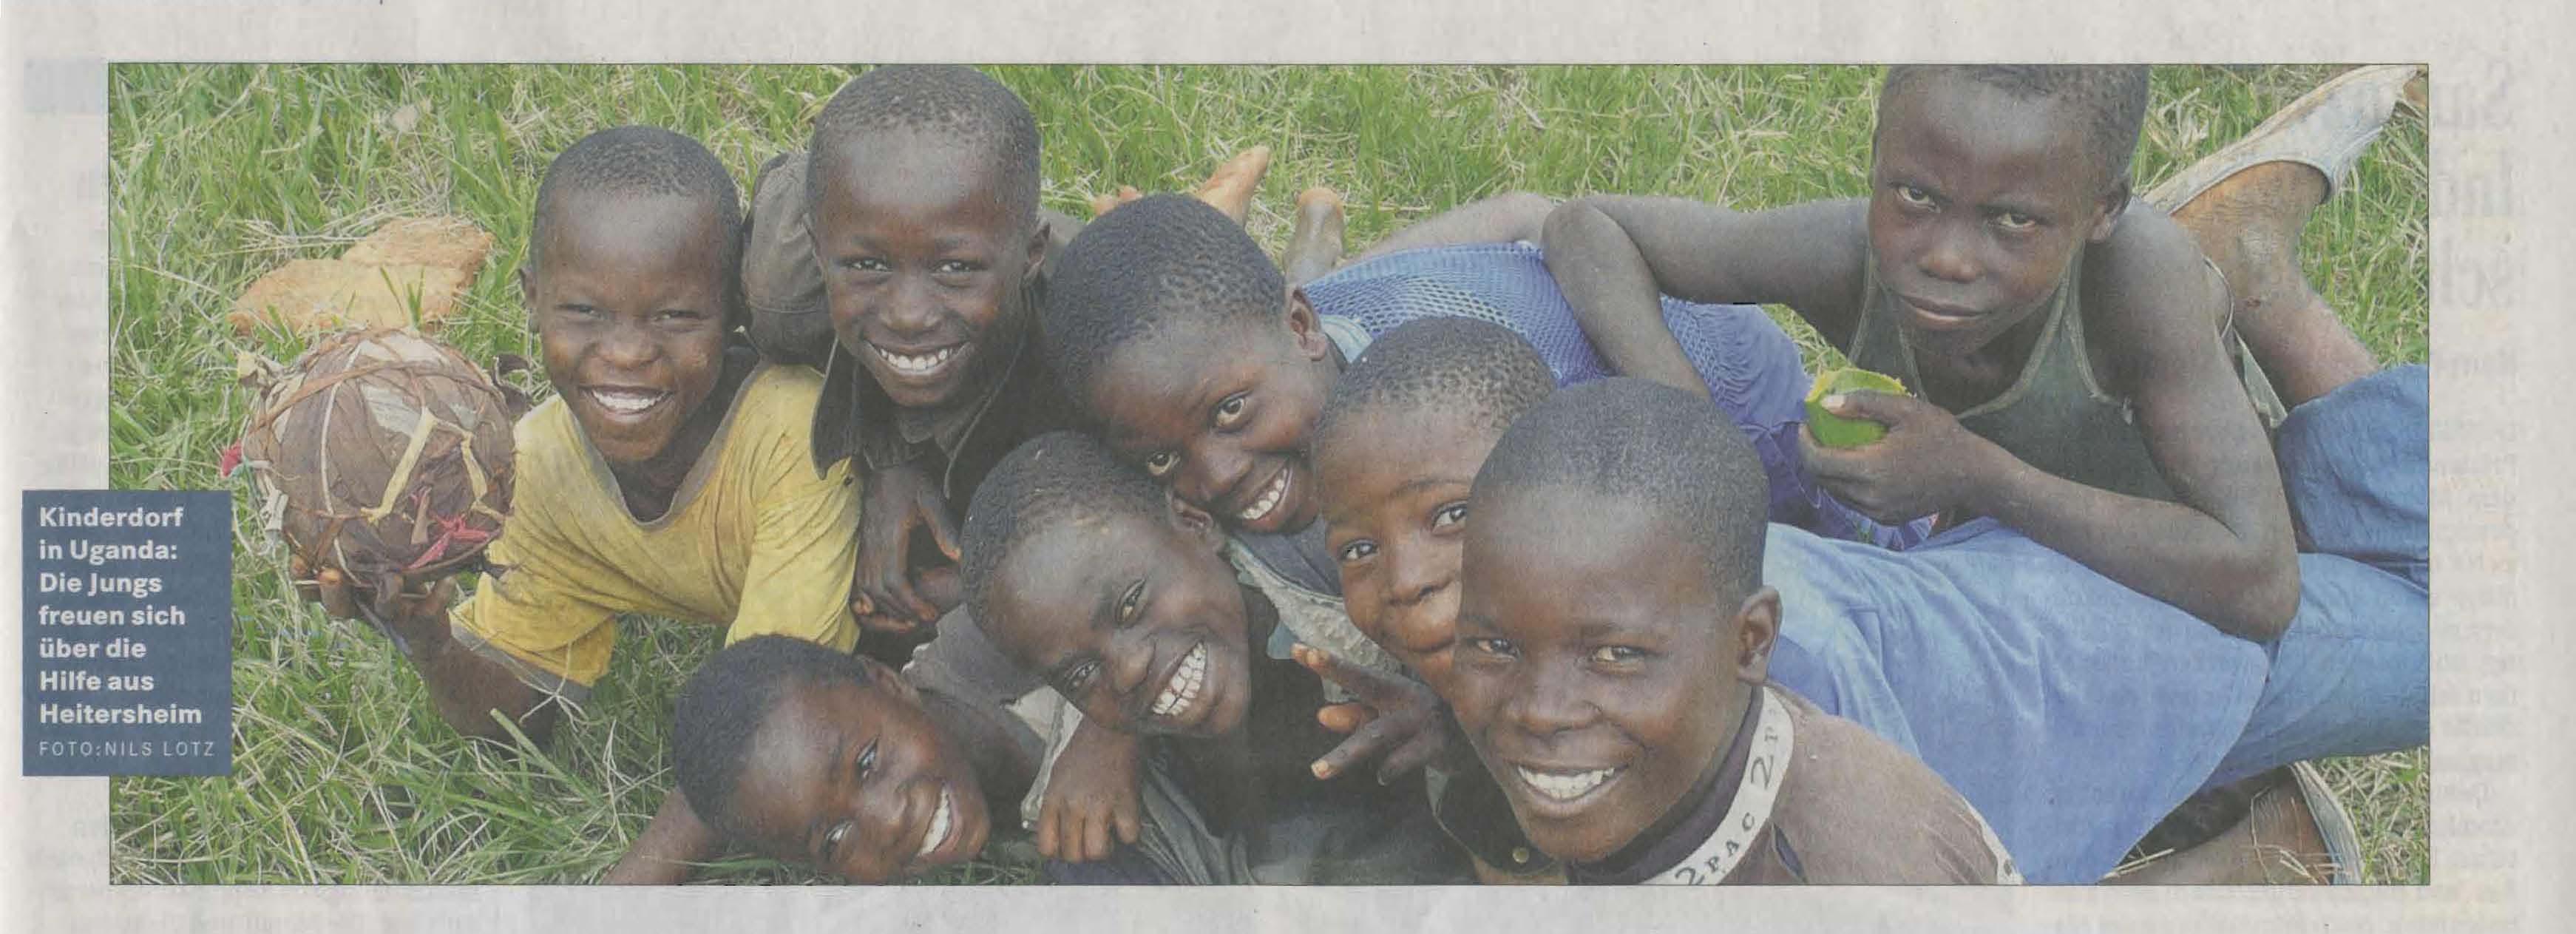 BZ-070723 Afrika ist ihr Schicksal